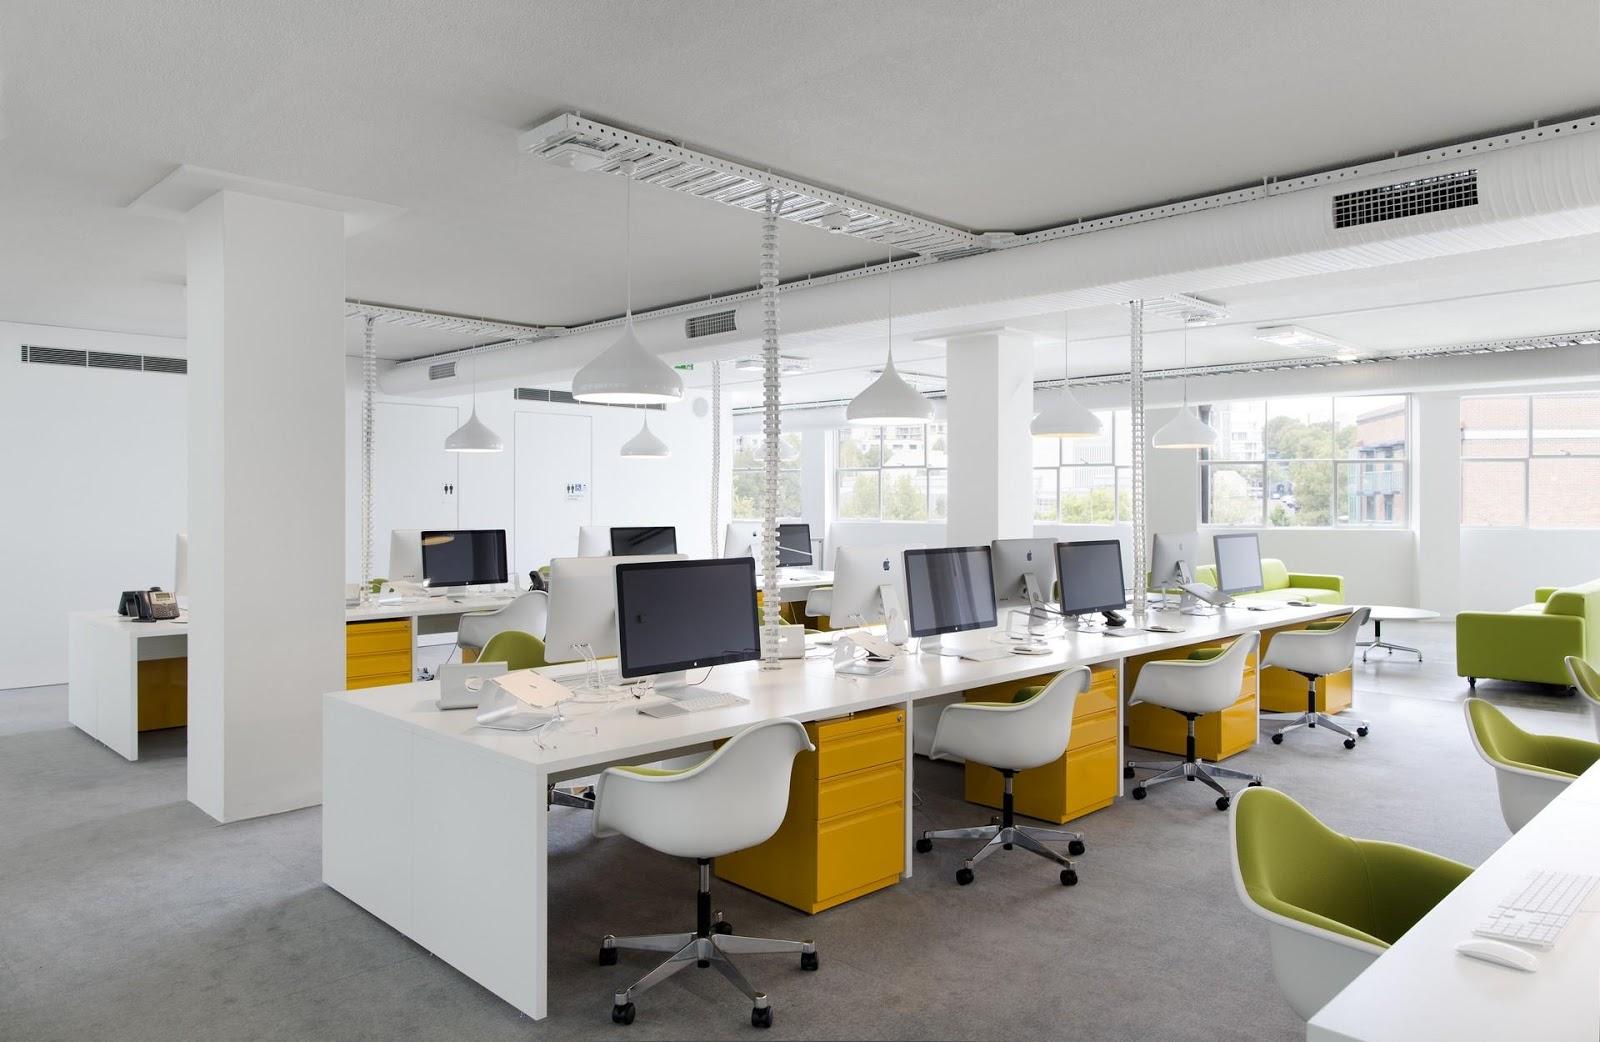 Mẫu thiết kế văn phòng làm việc theo phong cách trẻ trung, năng động